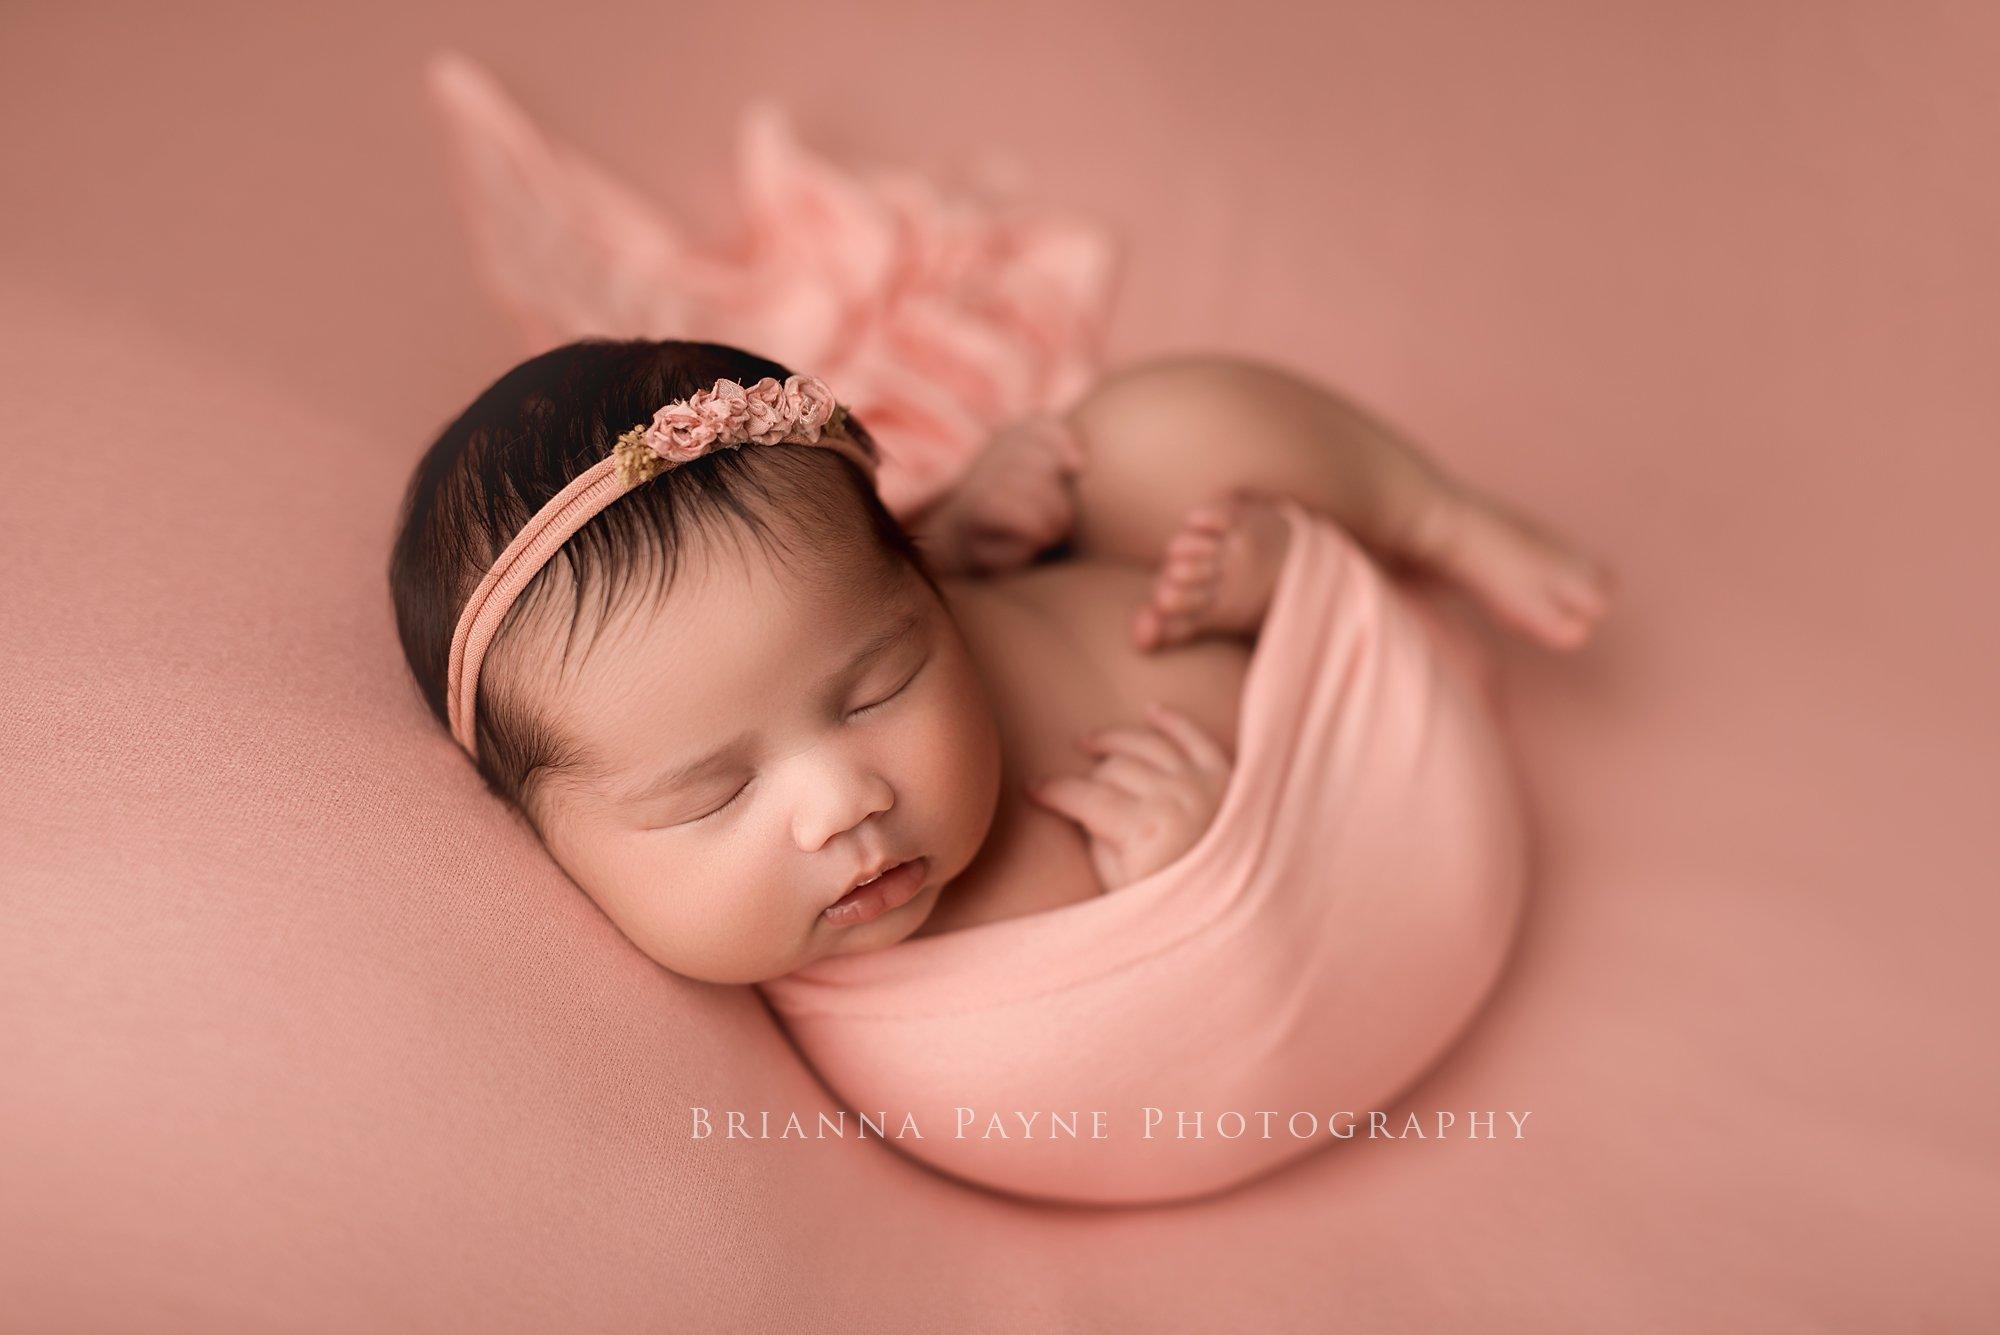 baby photographer calgary alberta